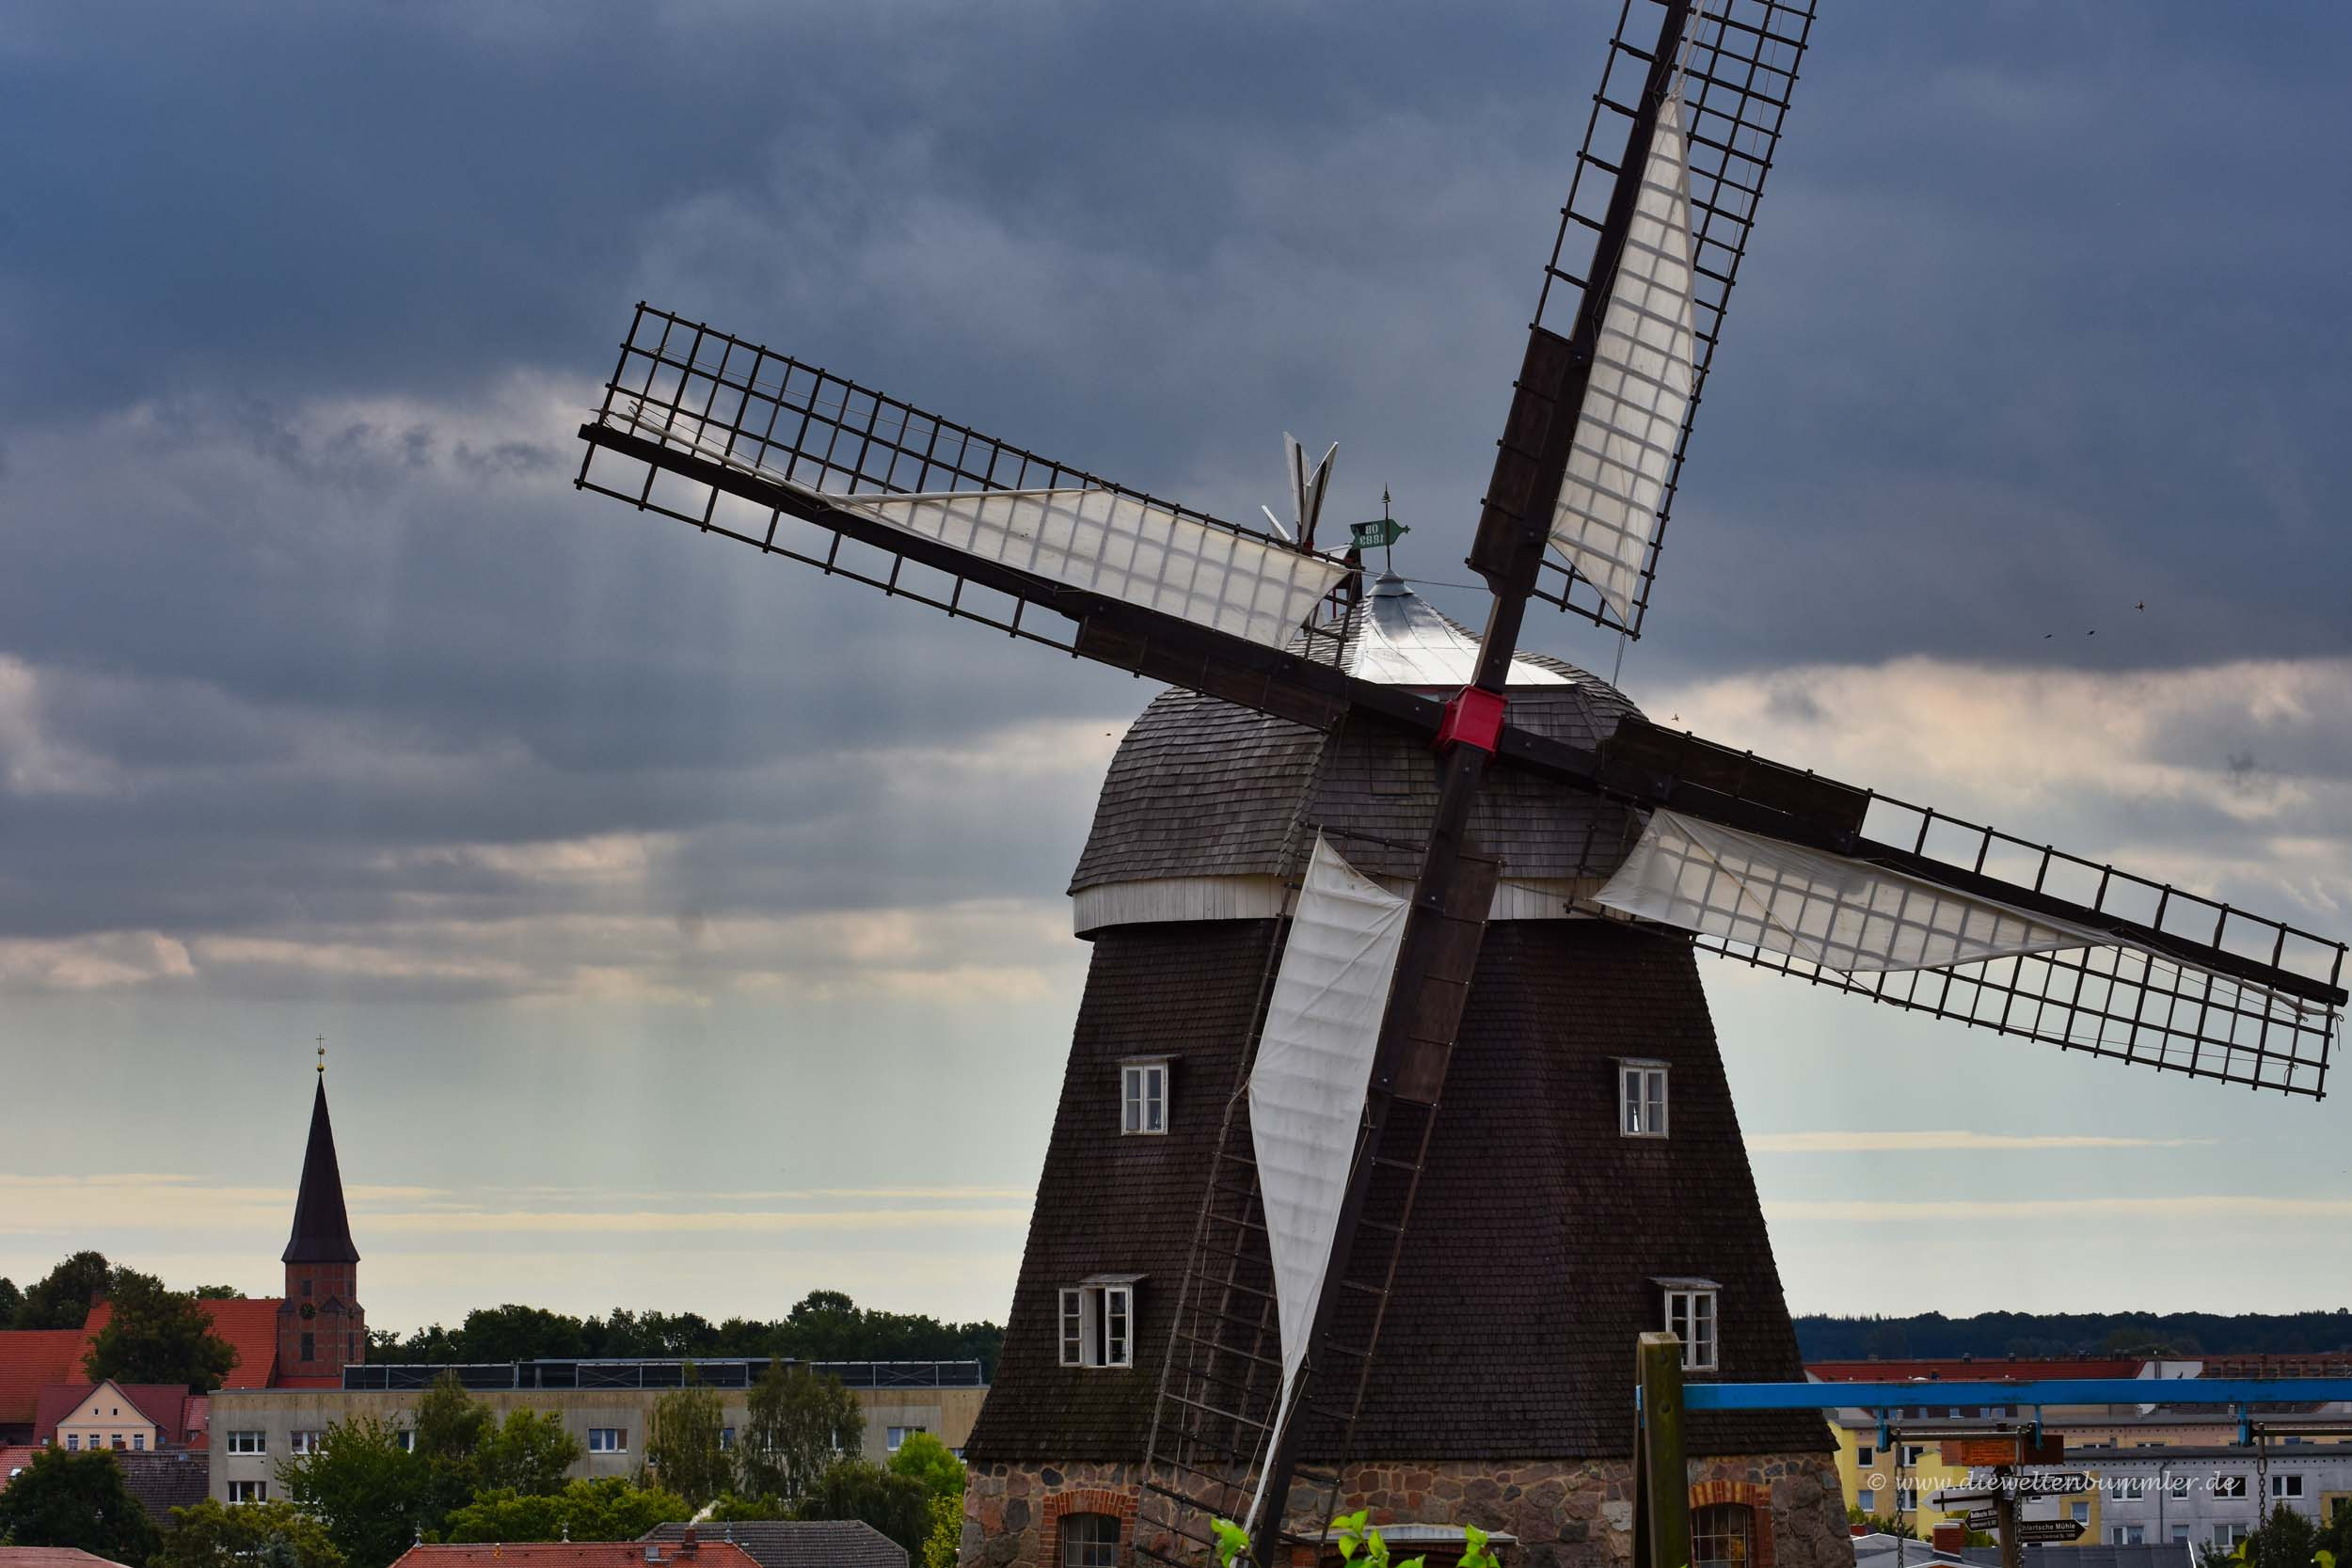 Bespannte Flügel der Windmühle